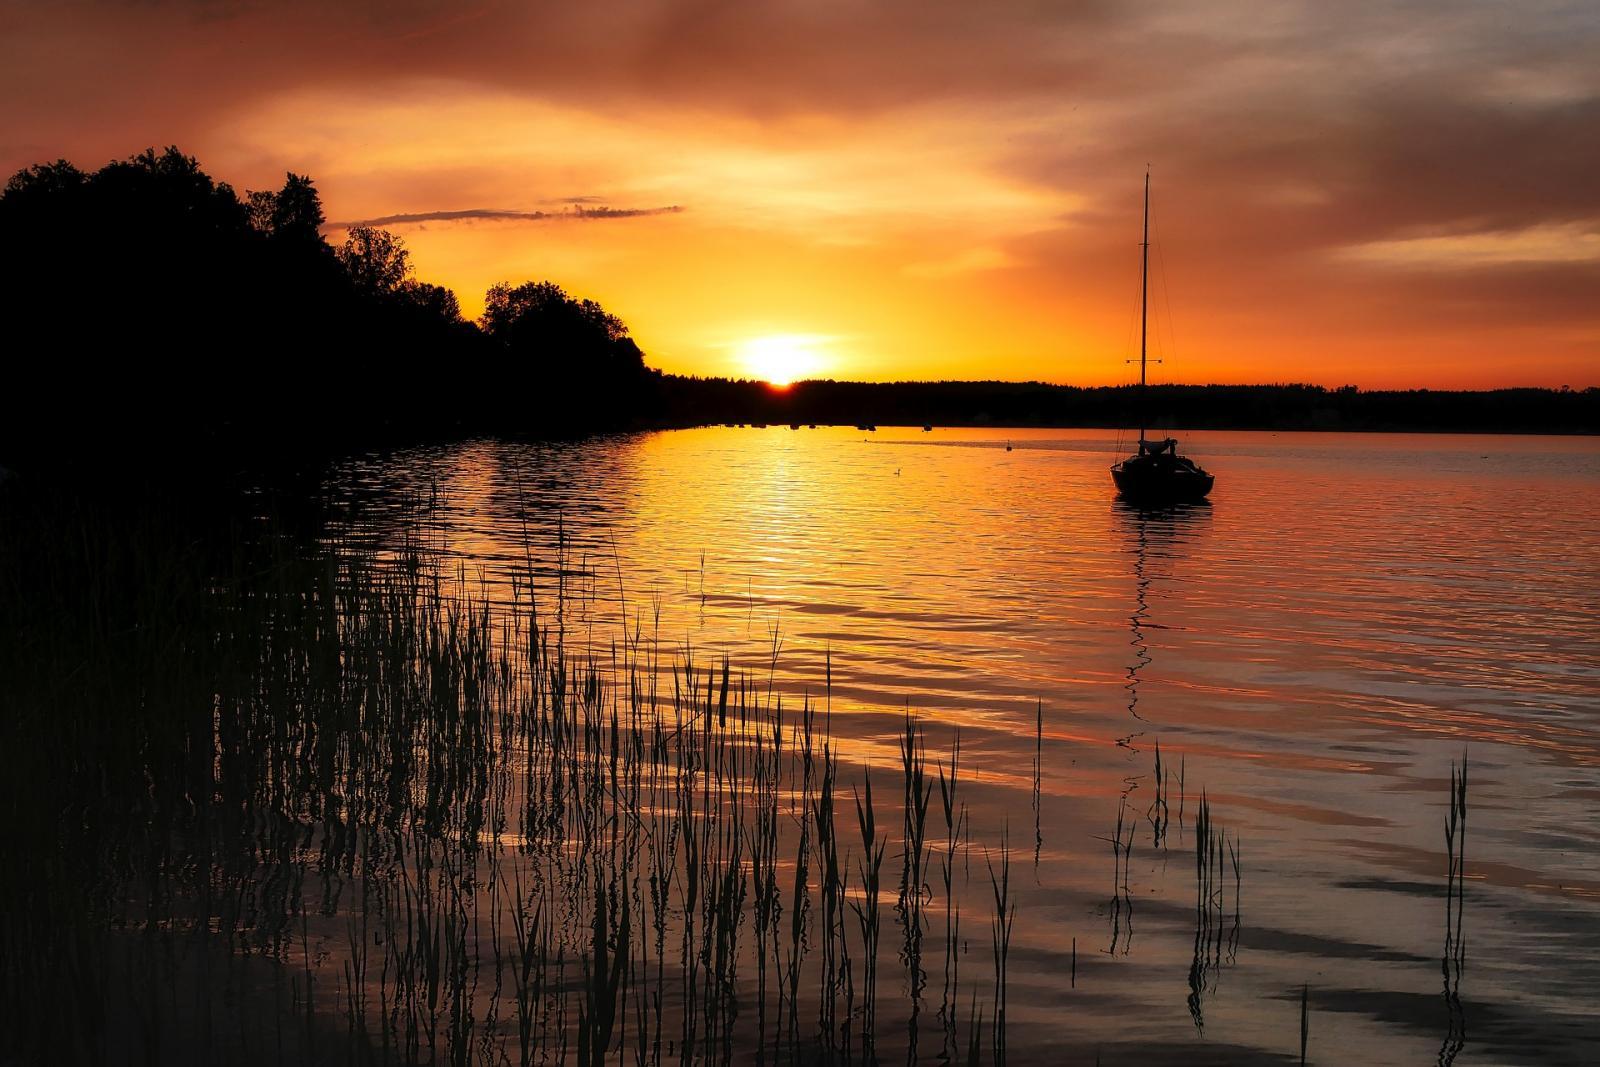 lake-3452510_1920